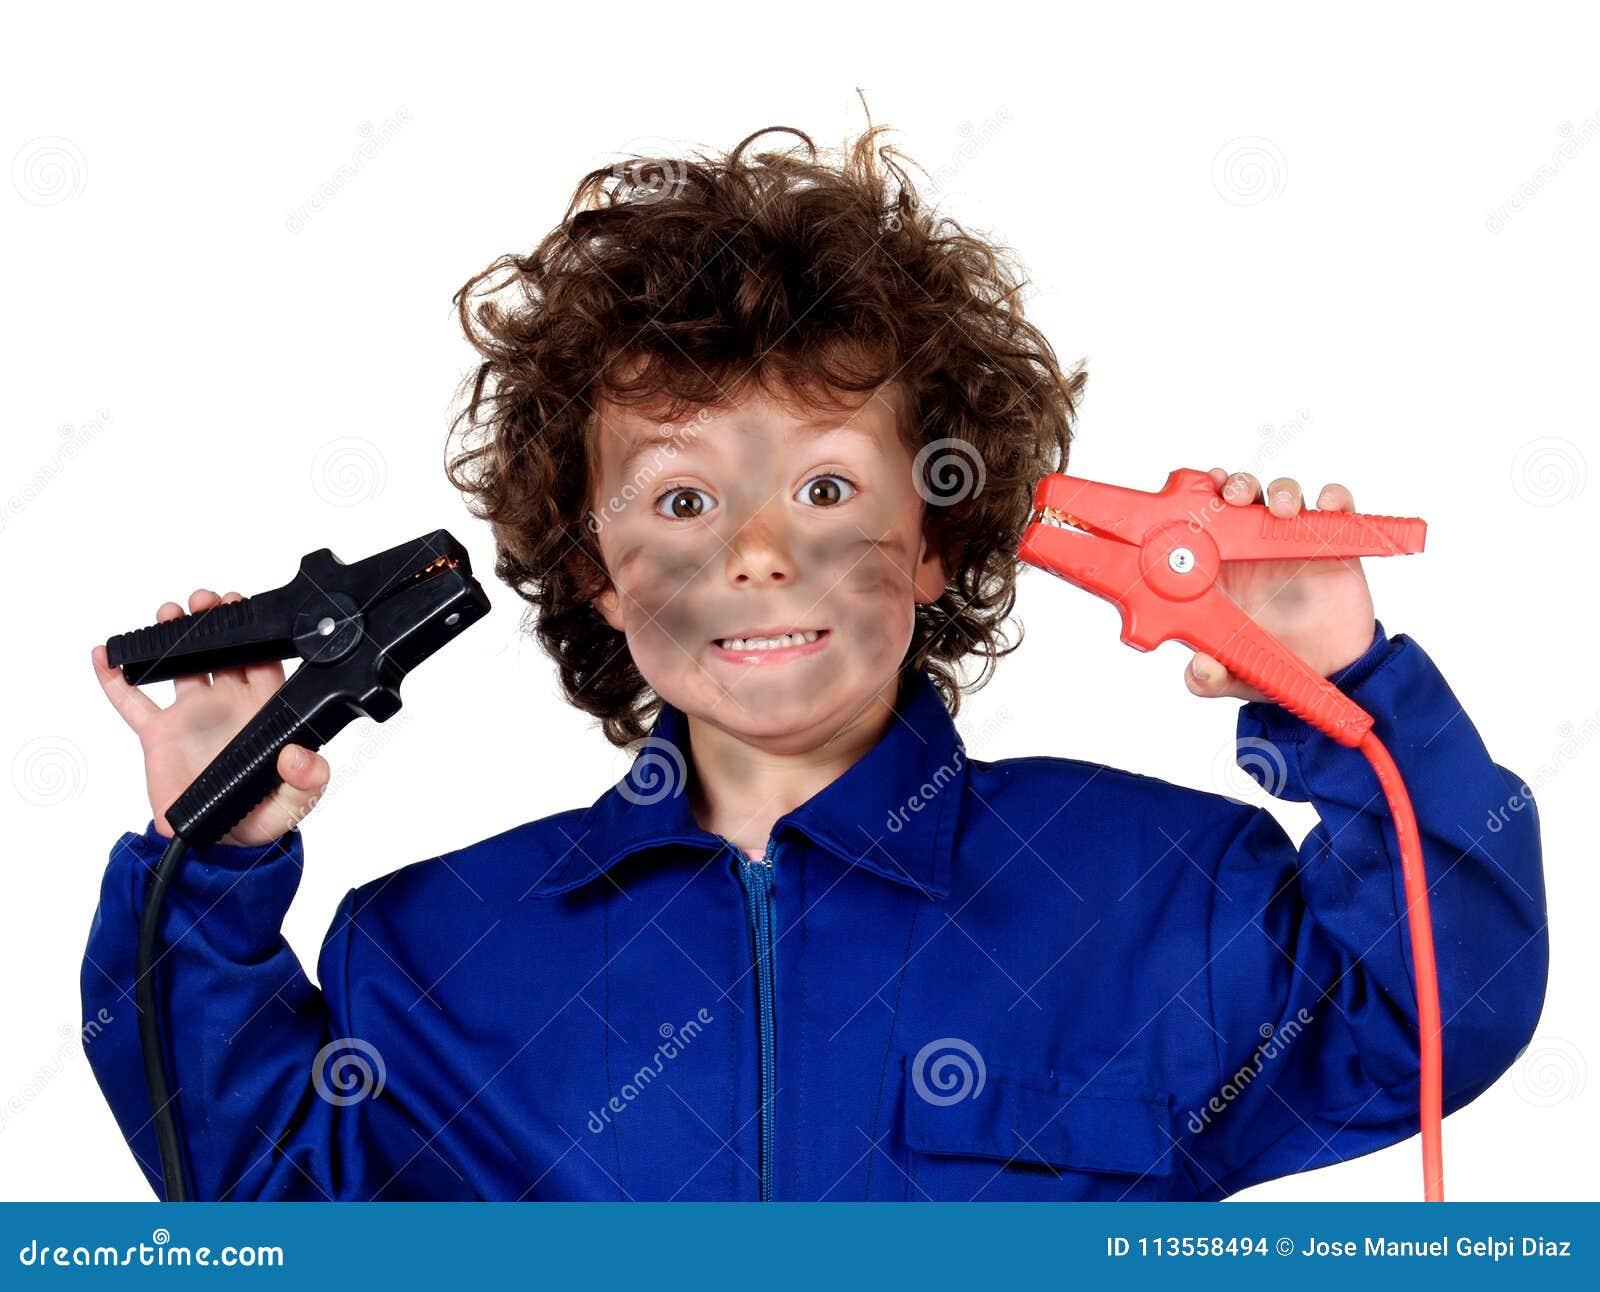 Niño divertido con un problema eléctrico ¡Sea carefull!